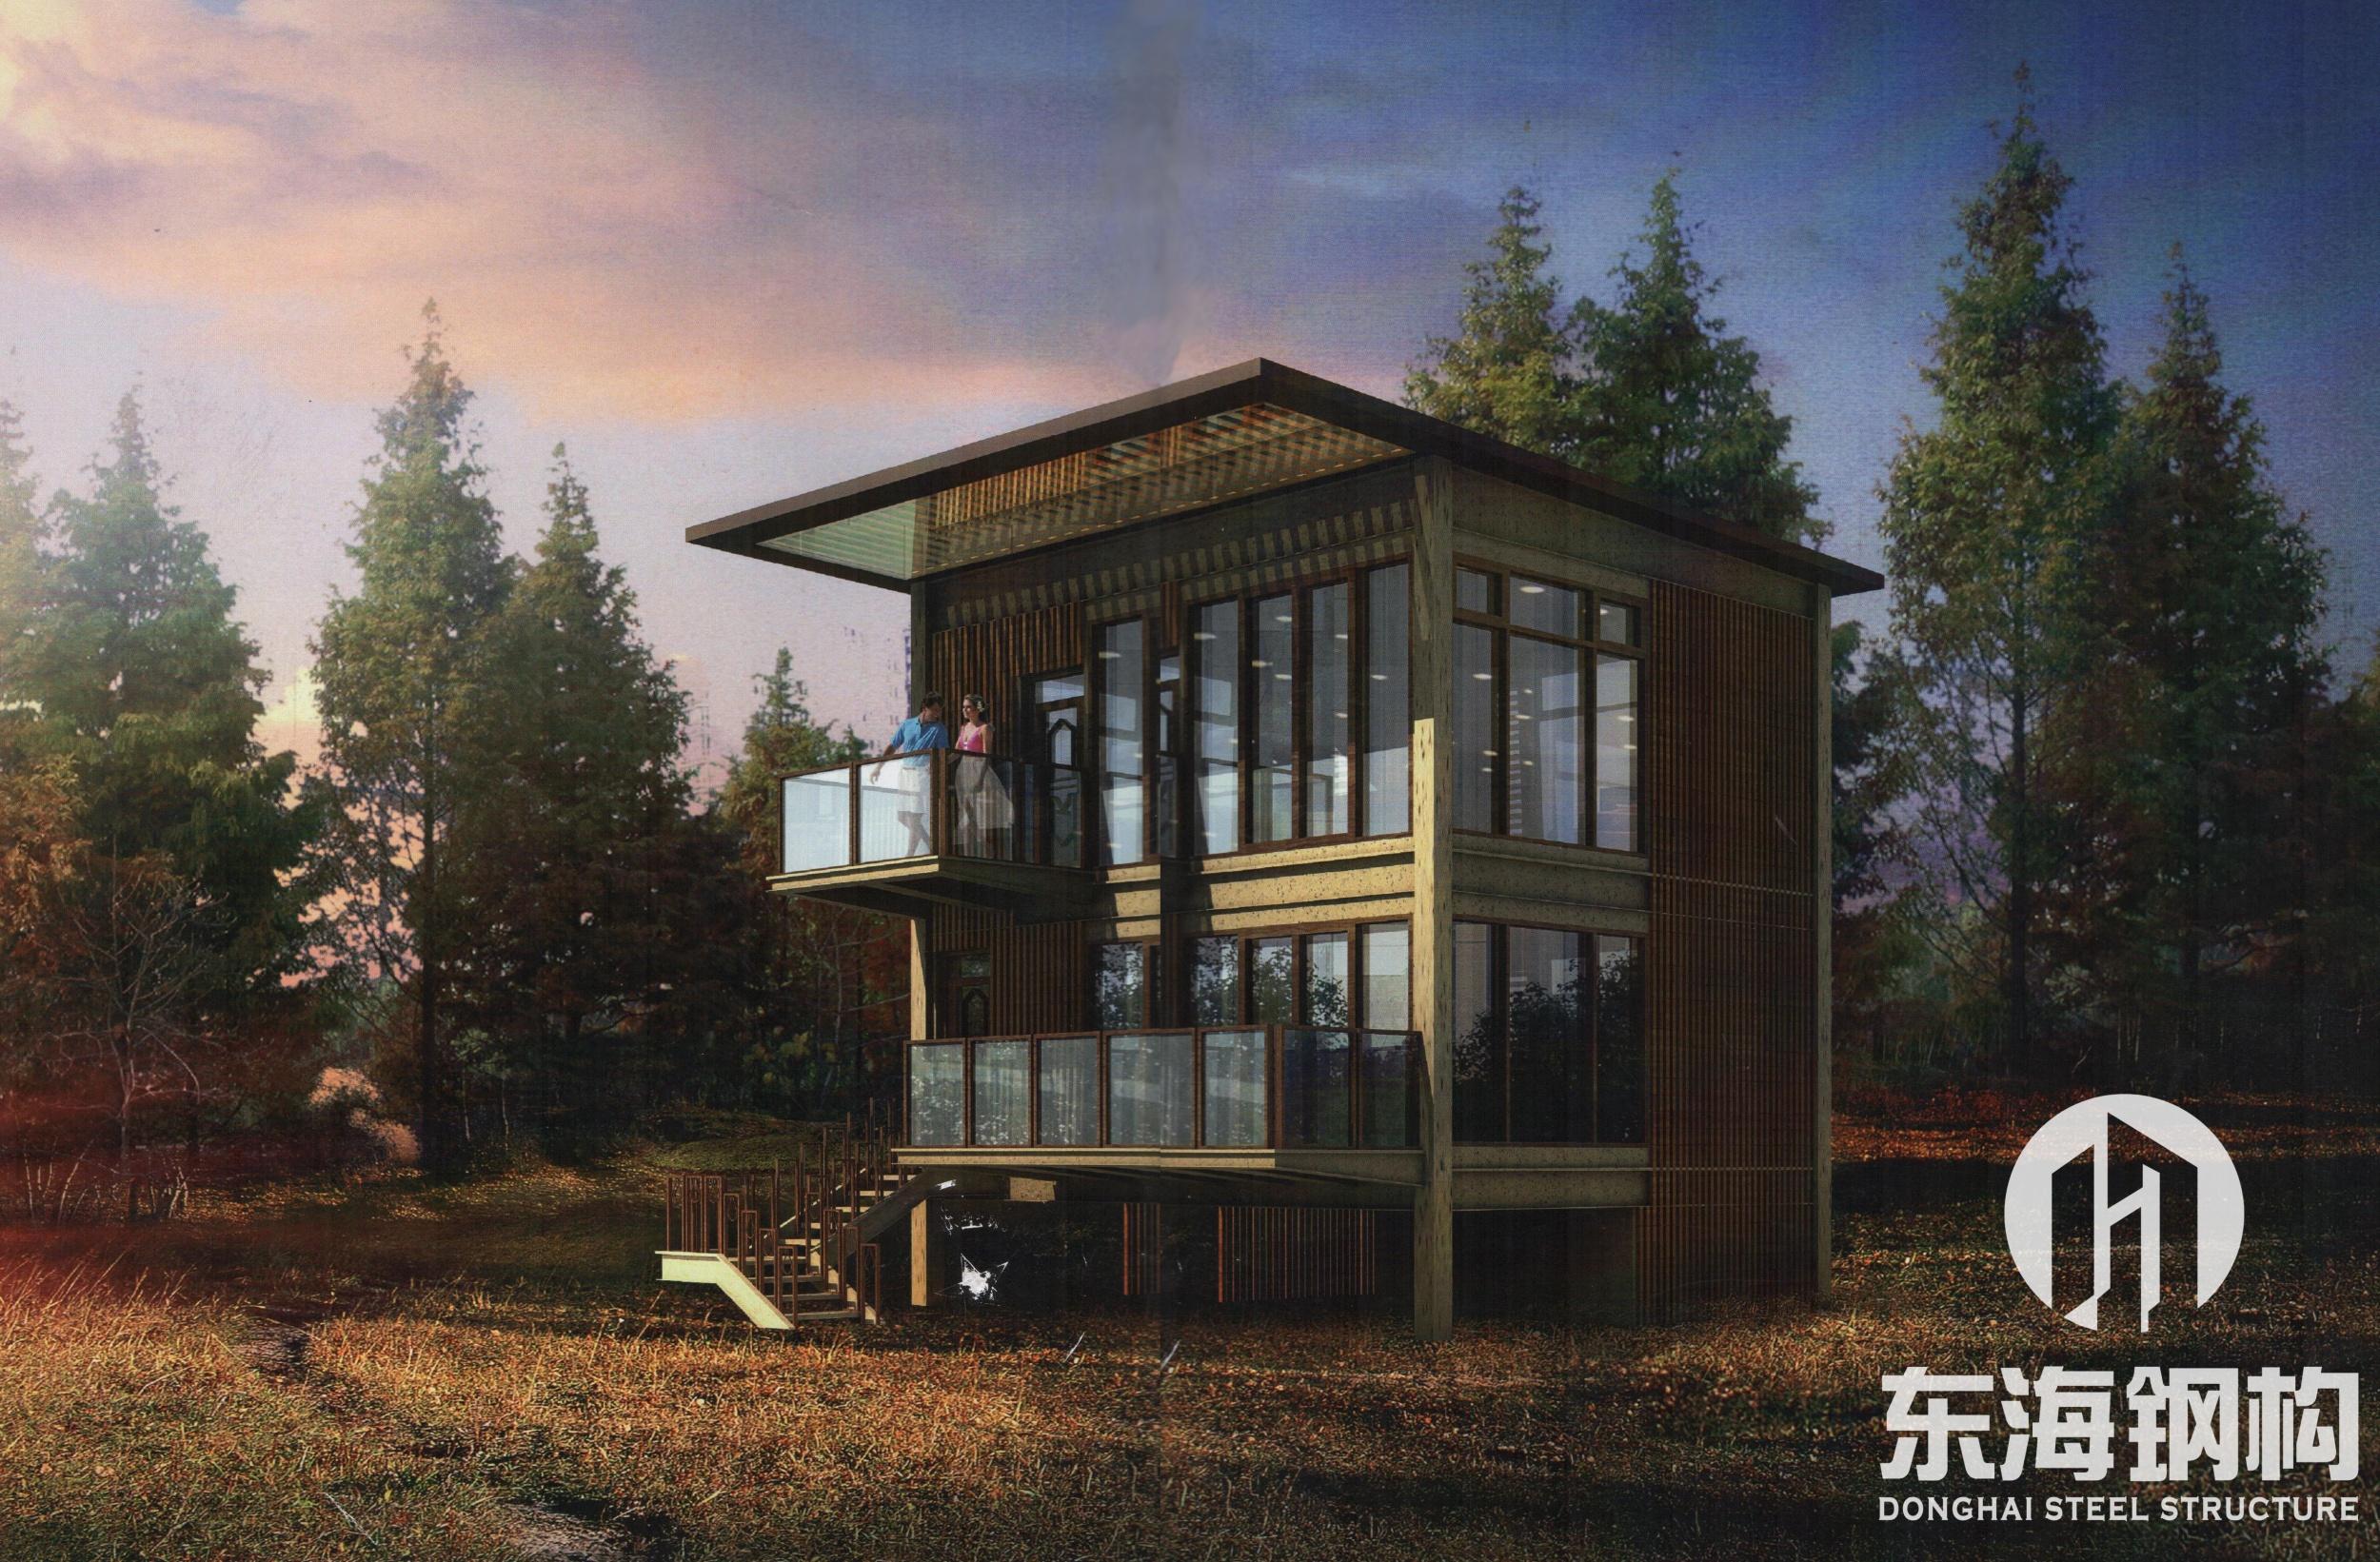 玉舍国家滑雪场温泉别墅群项目